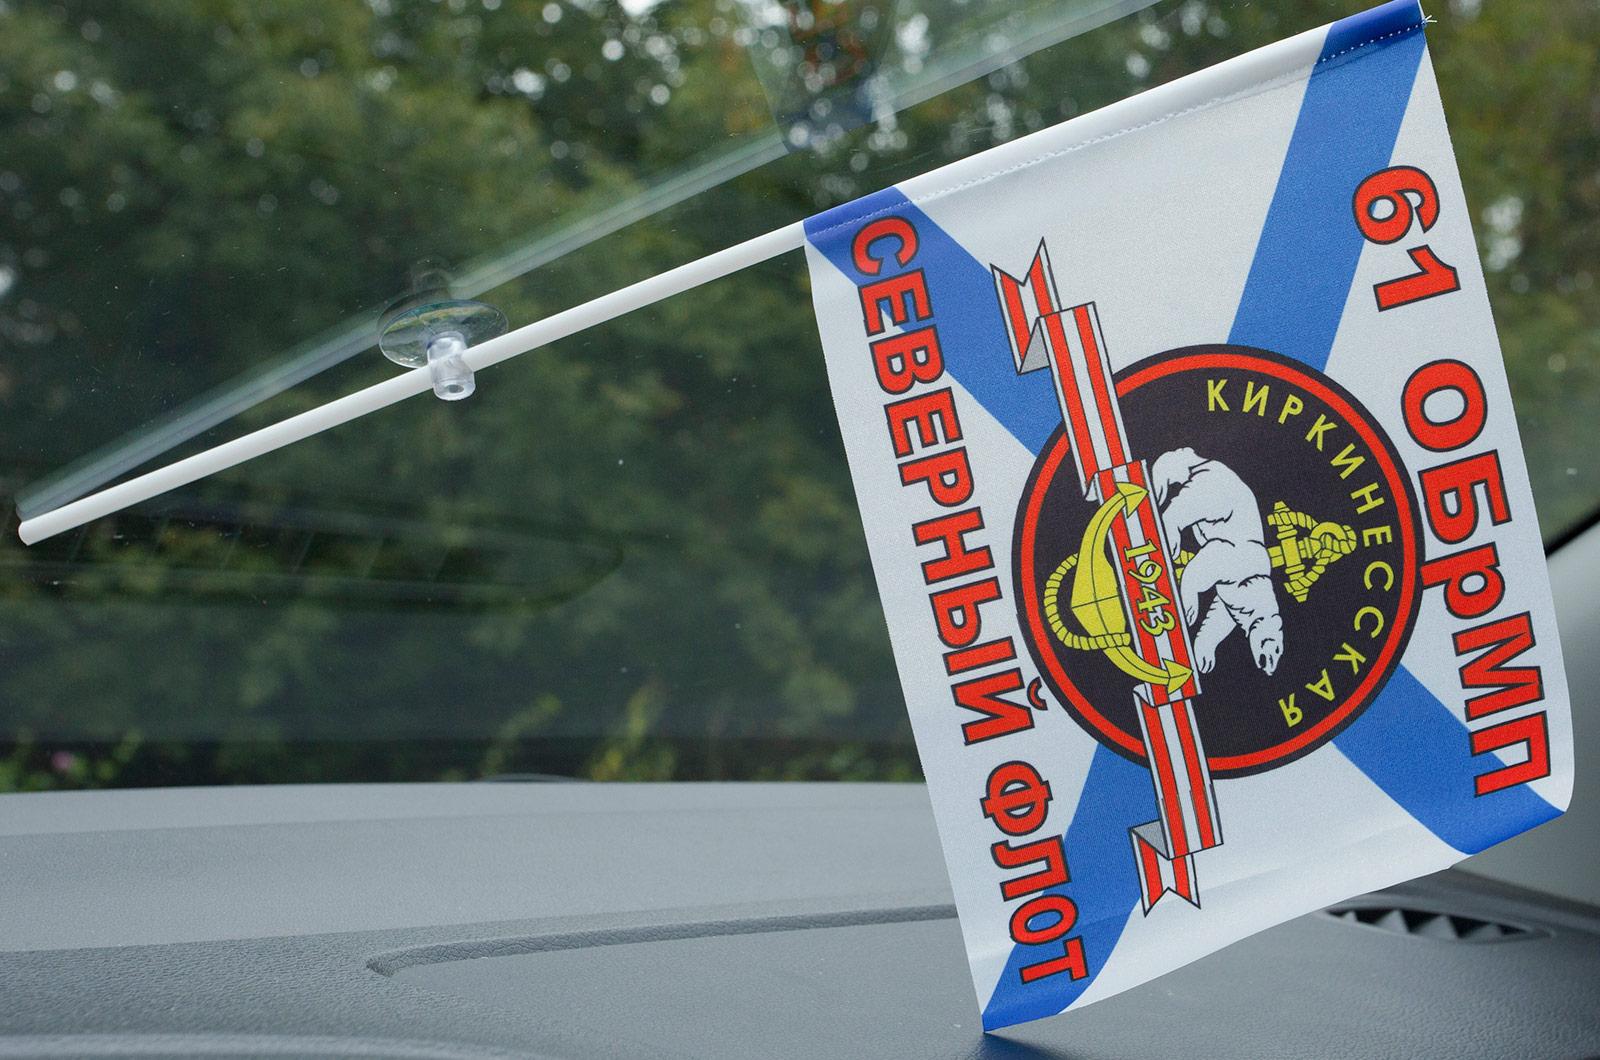 Флажок в машину с присоской 61 ОБр Морской пехоты СФ, цвета флажка